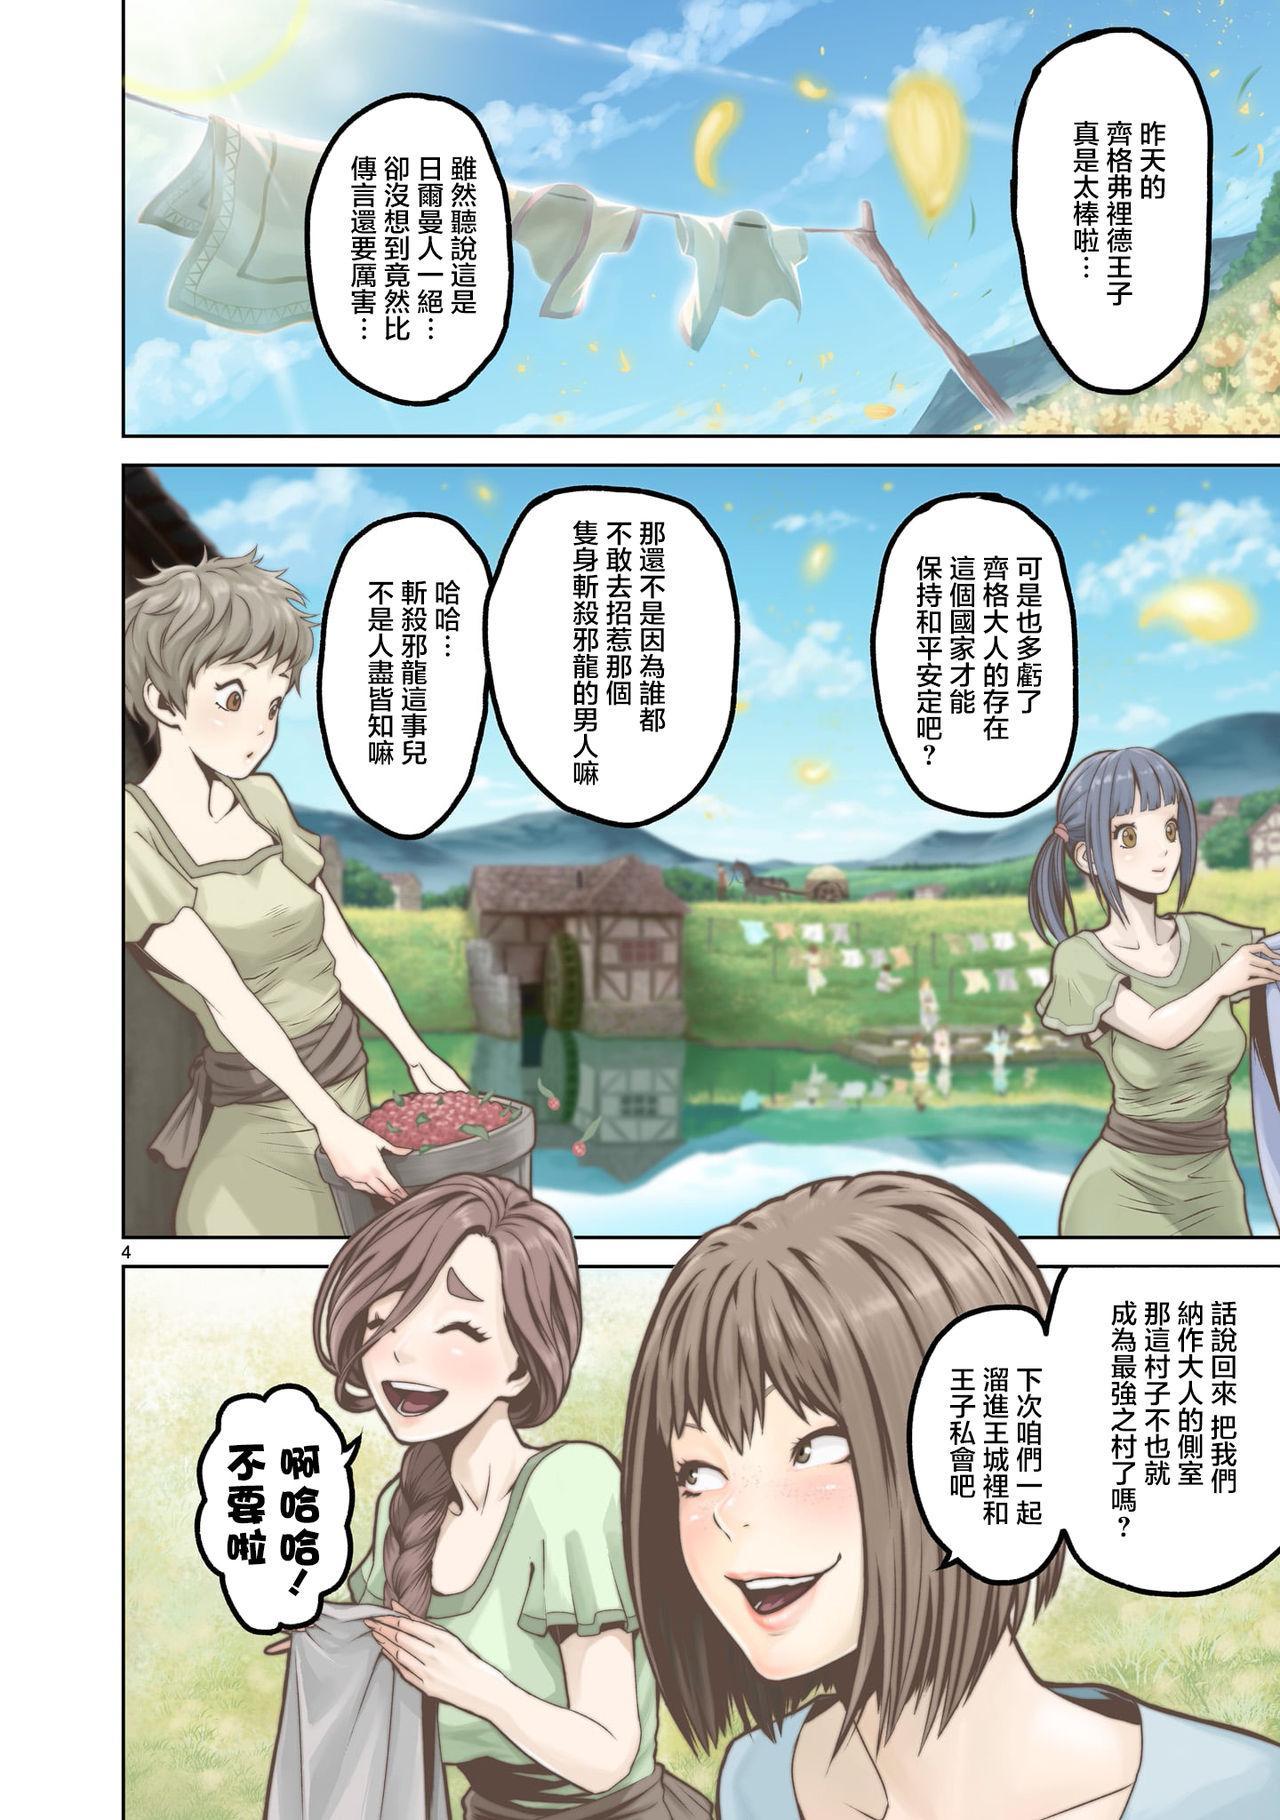 蔷薇园传奇 01-04 Chinese 4